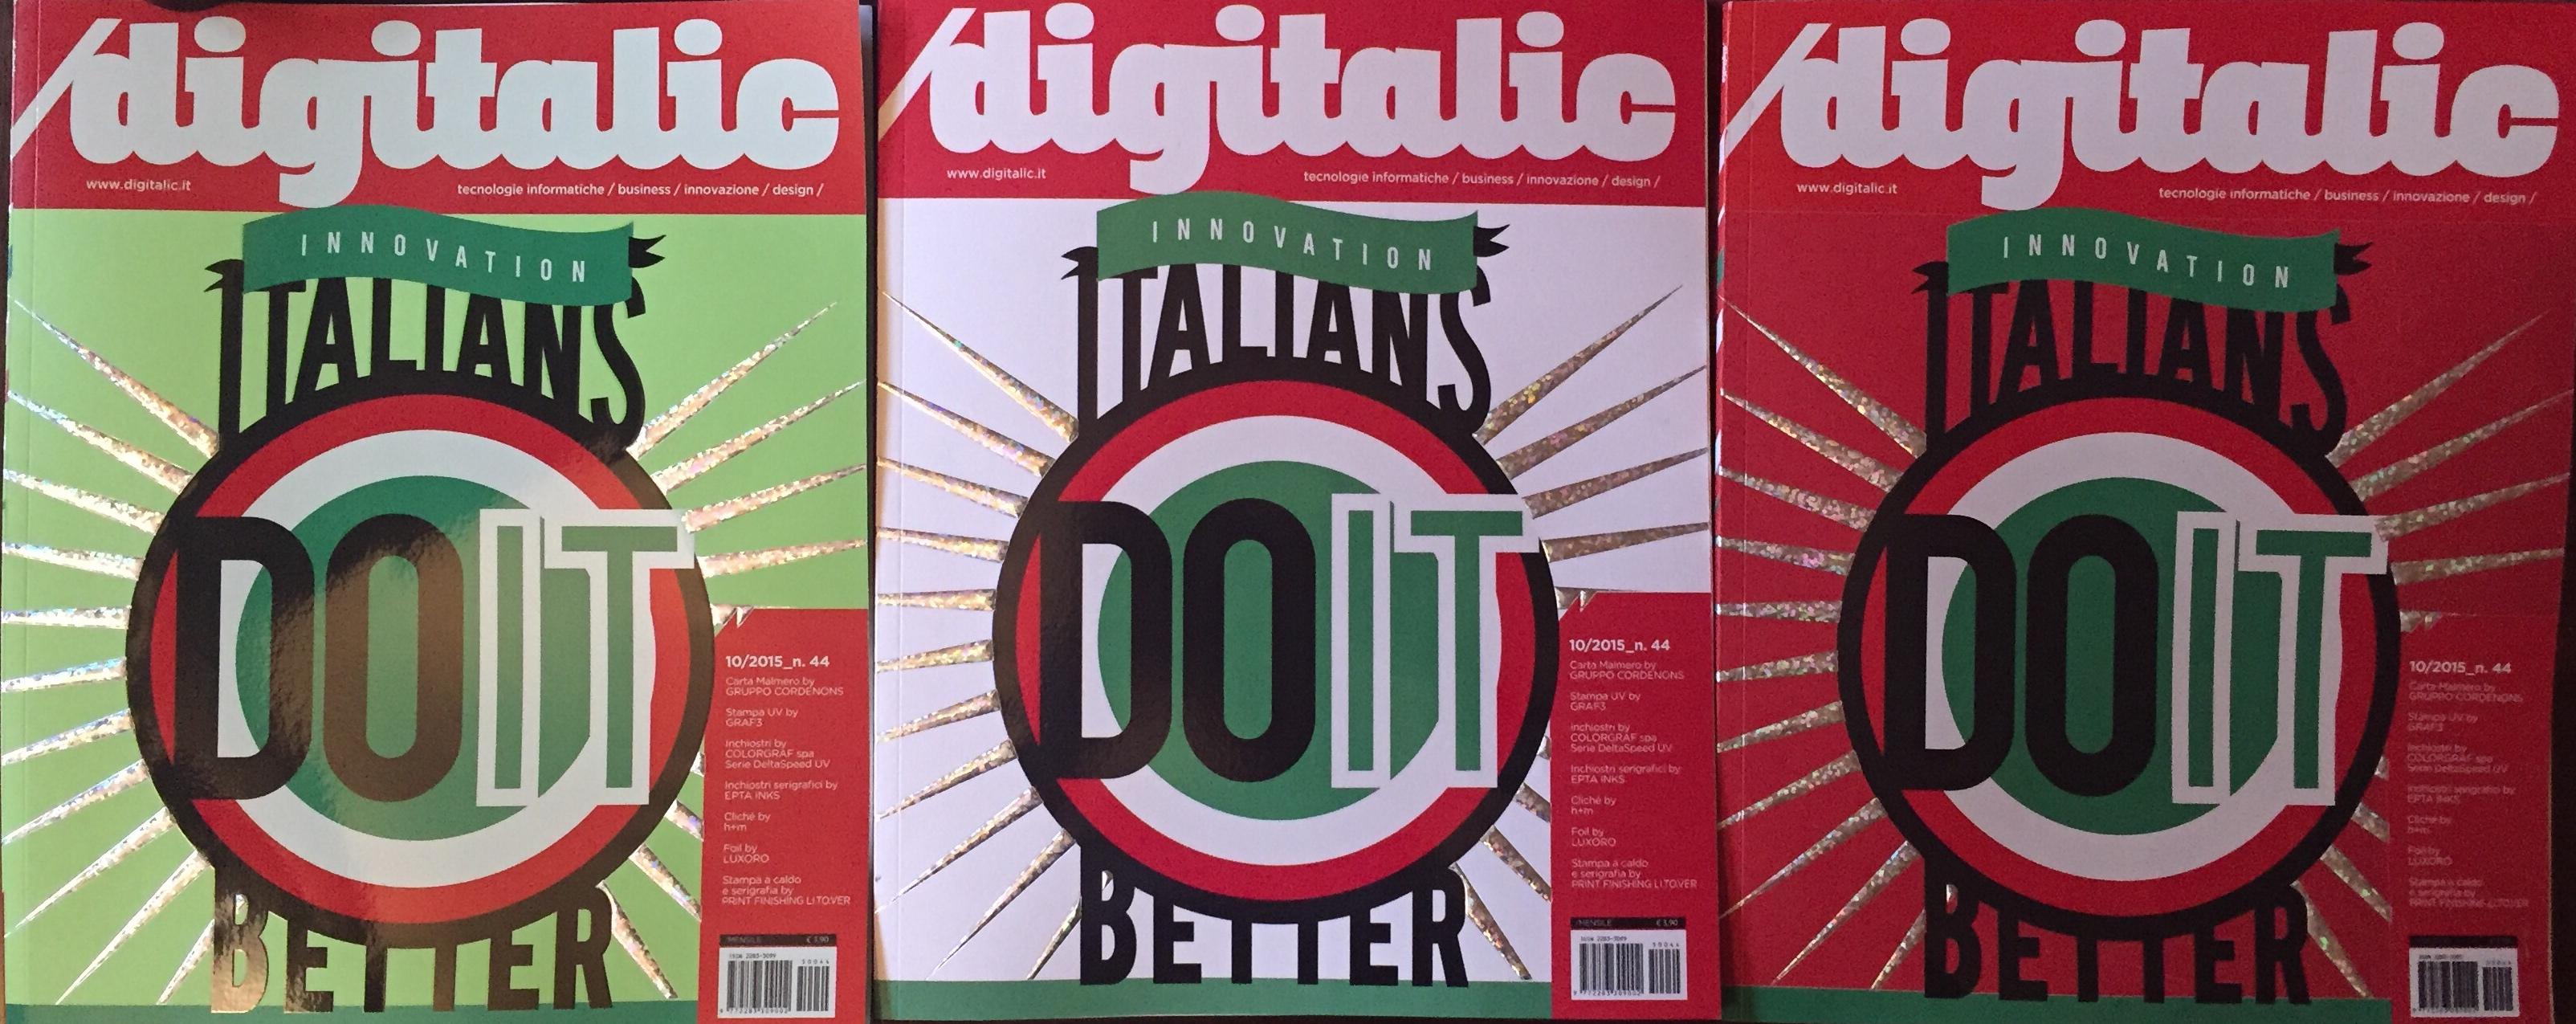 Digitalic n. 44 Italians do IT Better